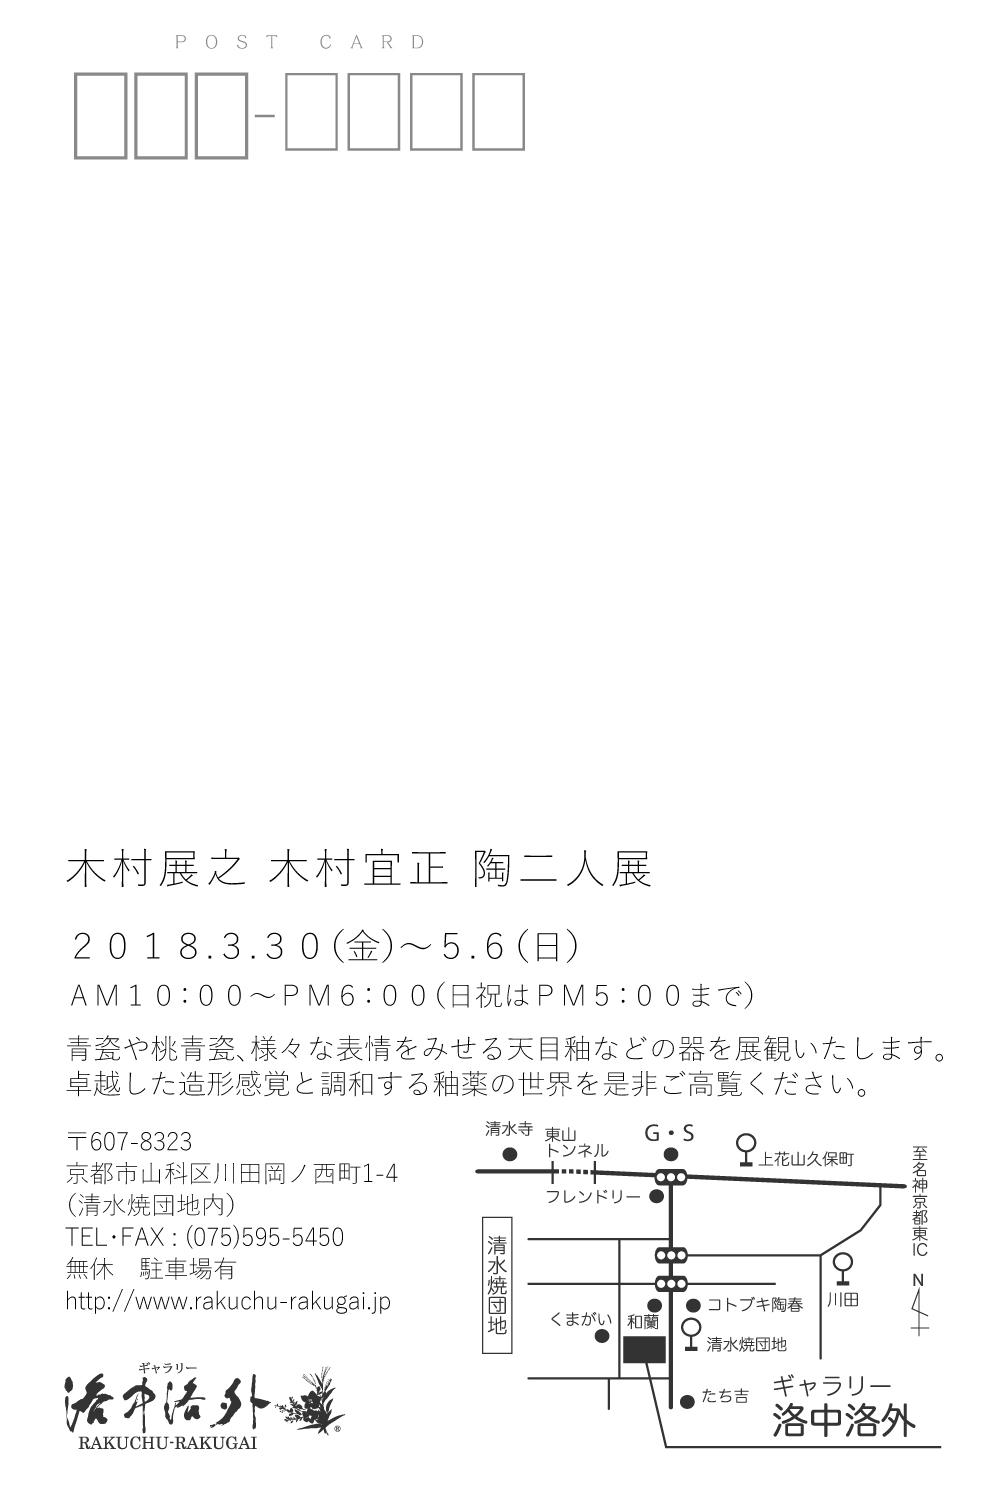 DM-木村宜正展之陶展2018.jpg